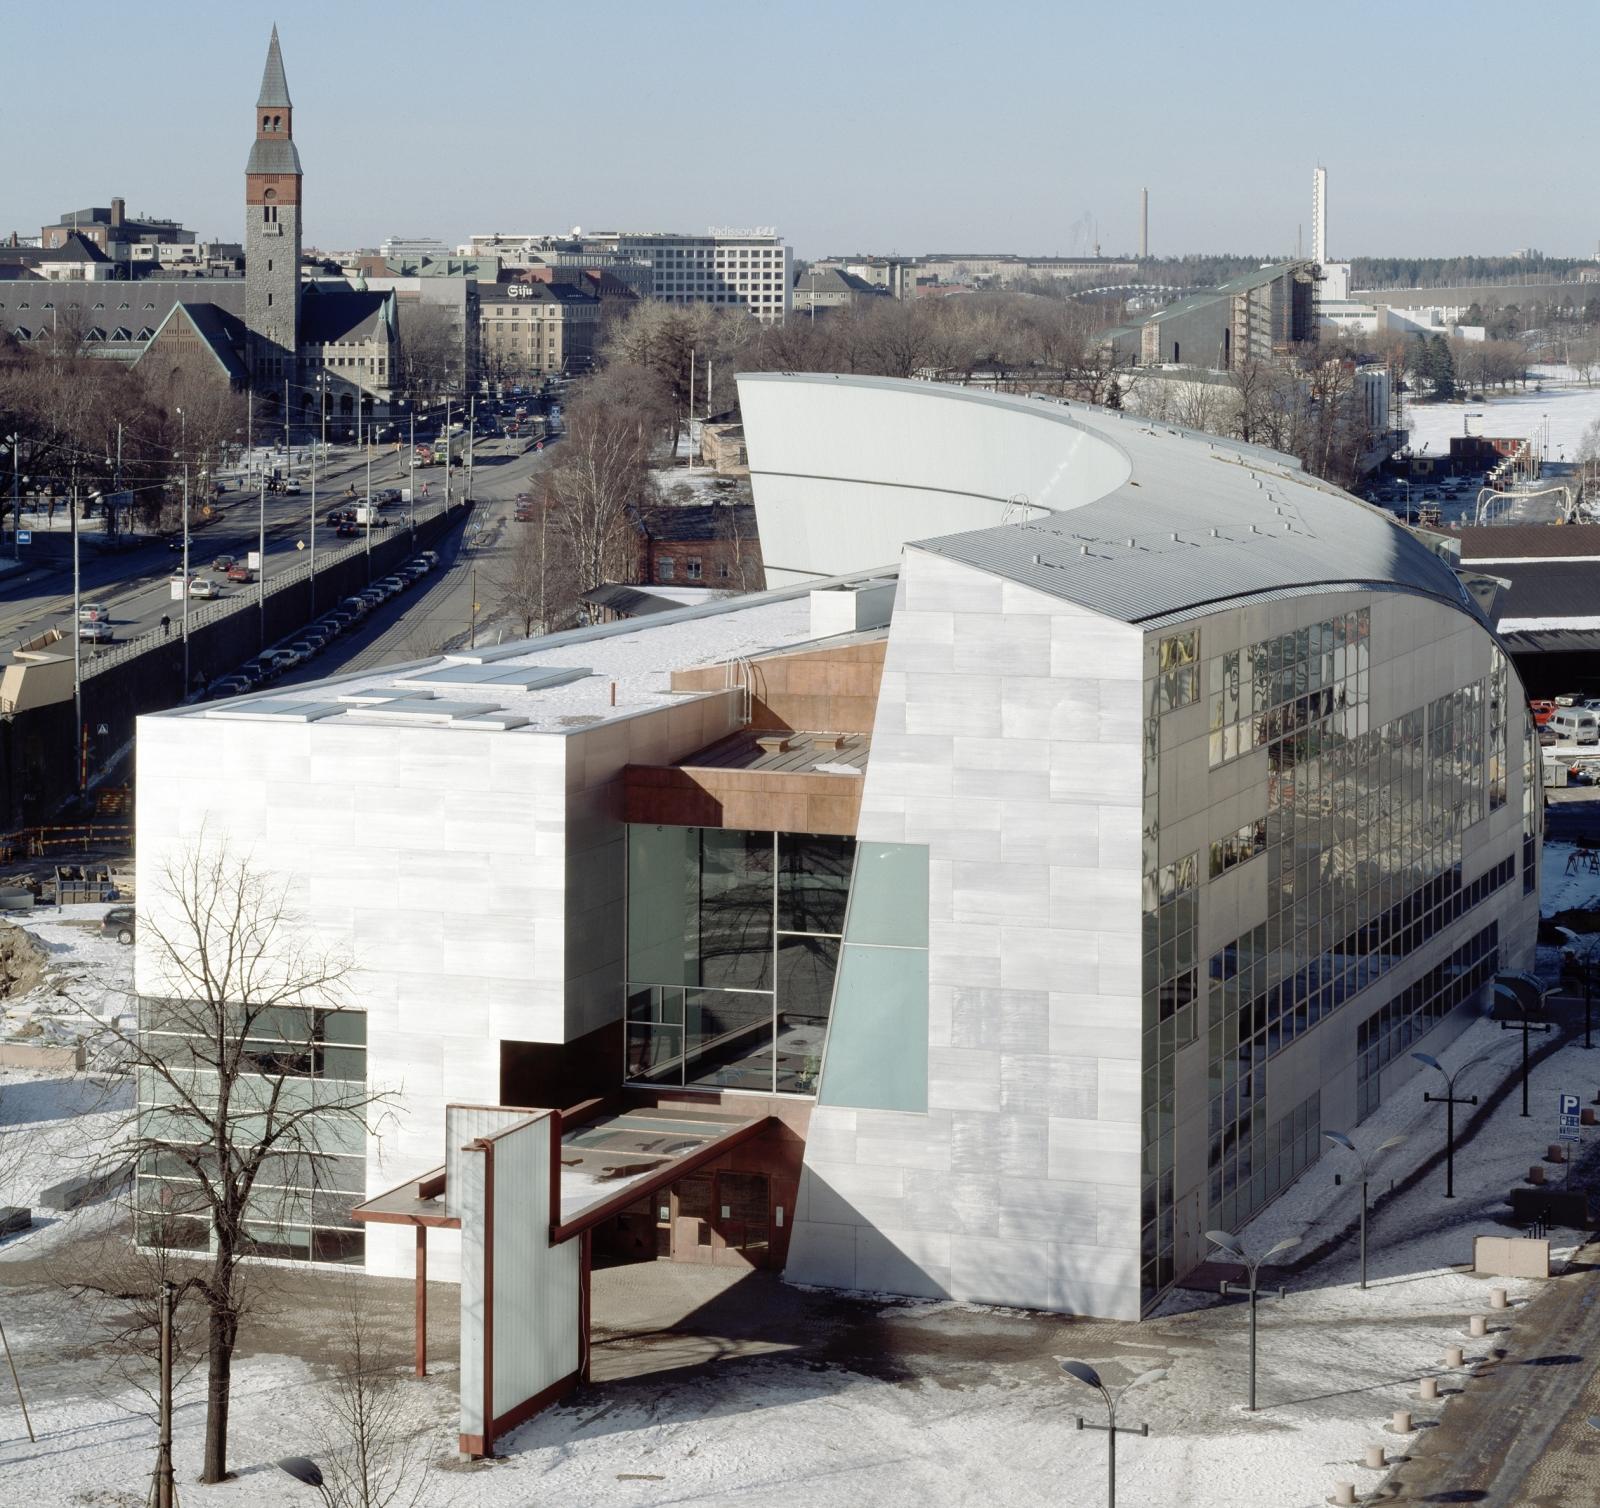 Múzeum súčasného umenia Kiasma